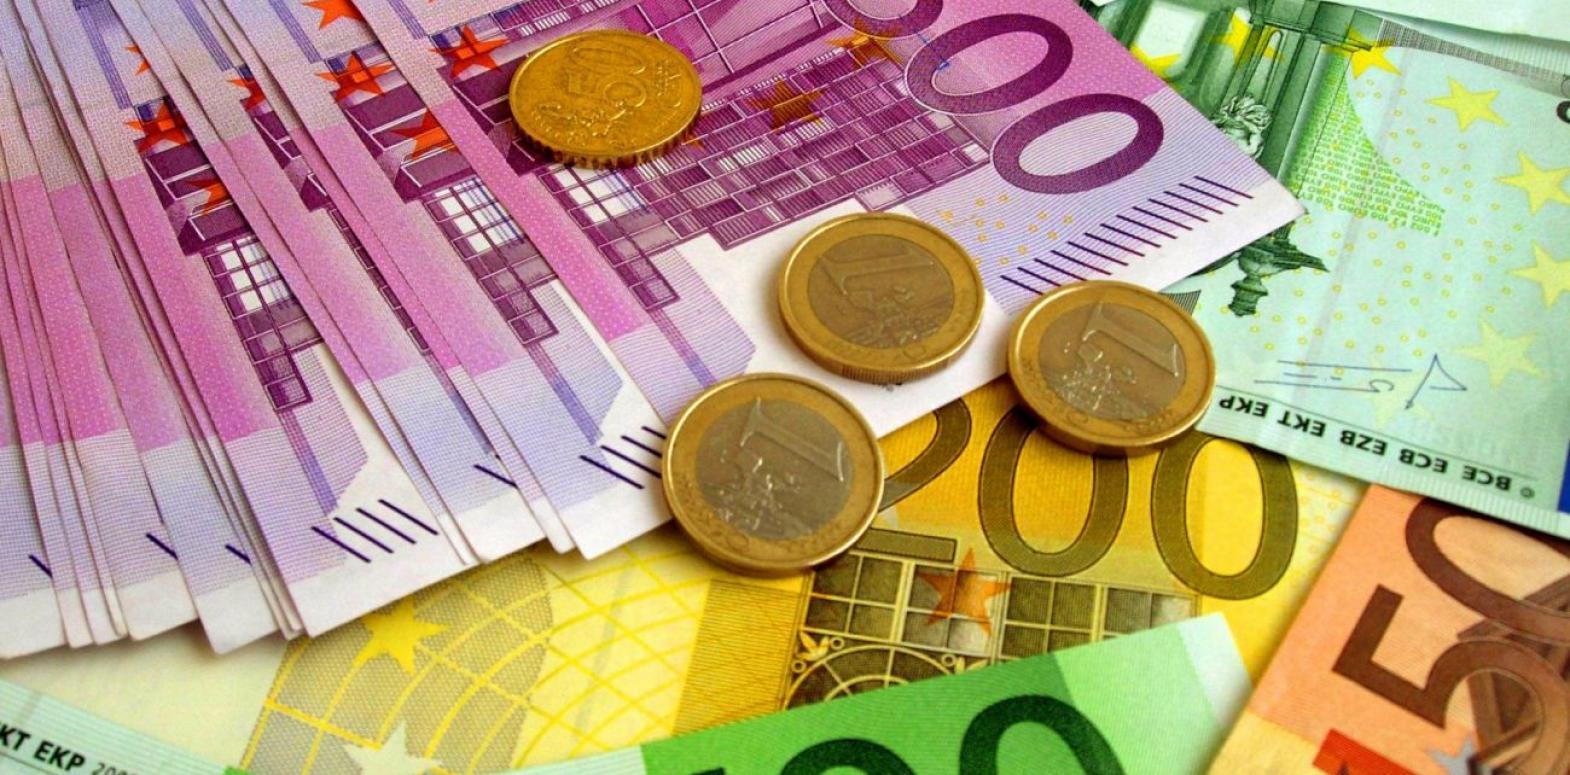 НБУ сохранил курс евро выше 34 гривен